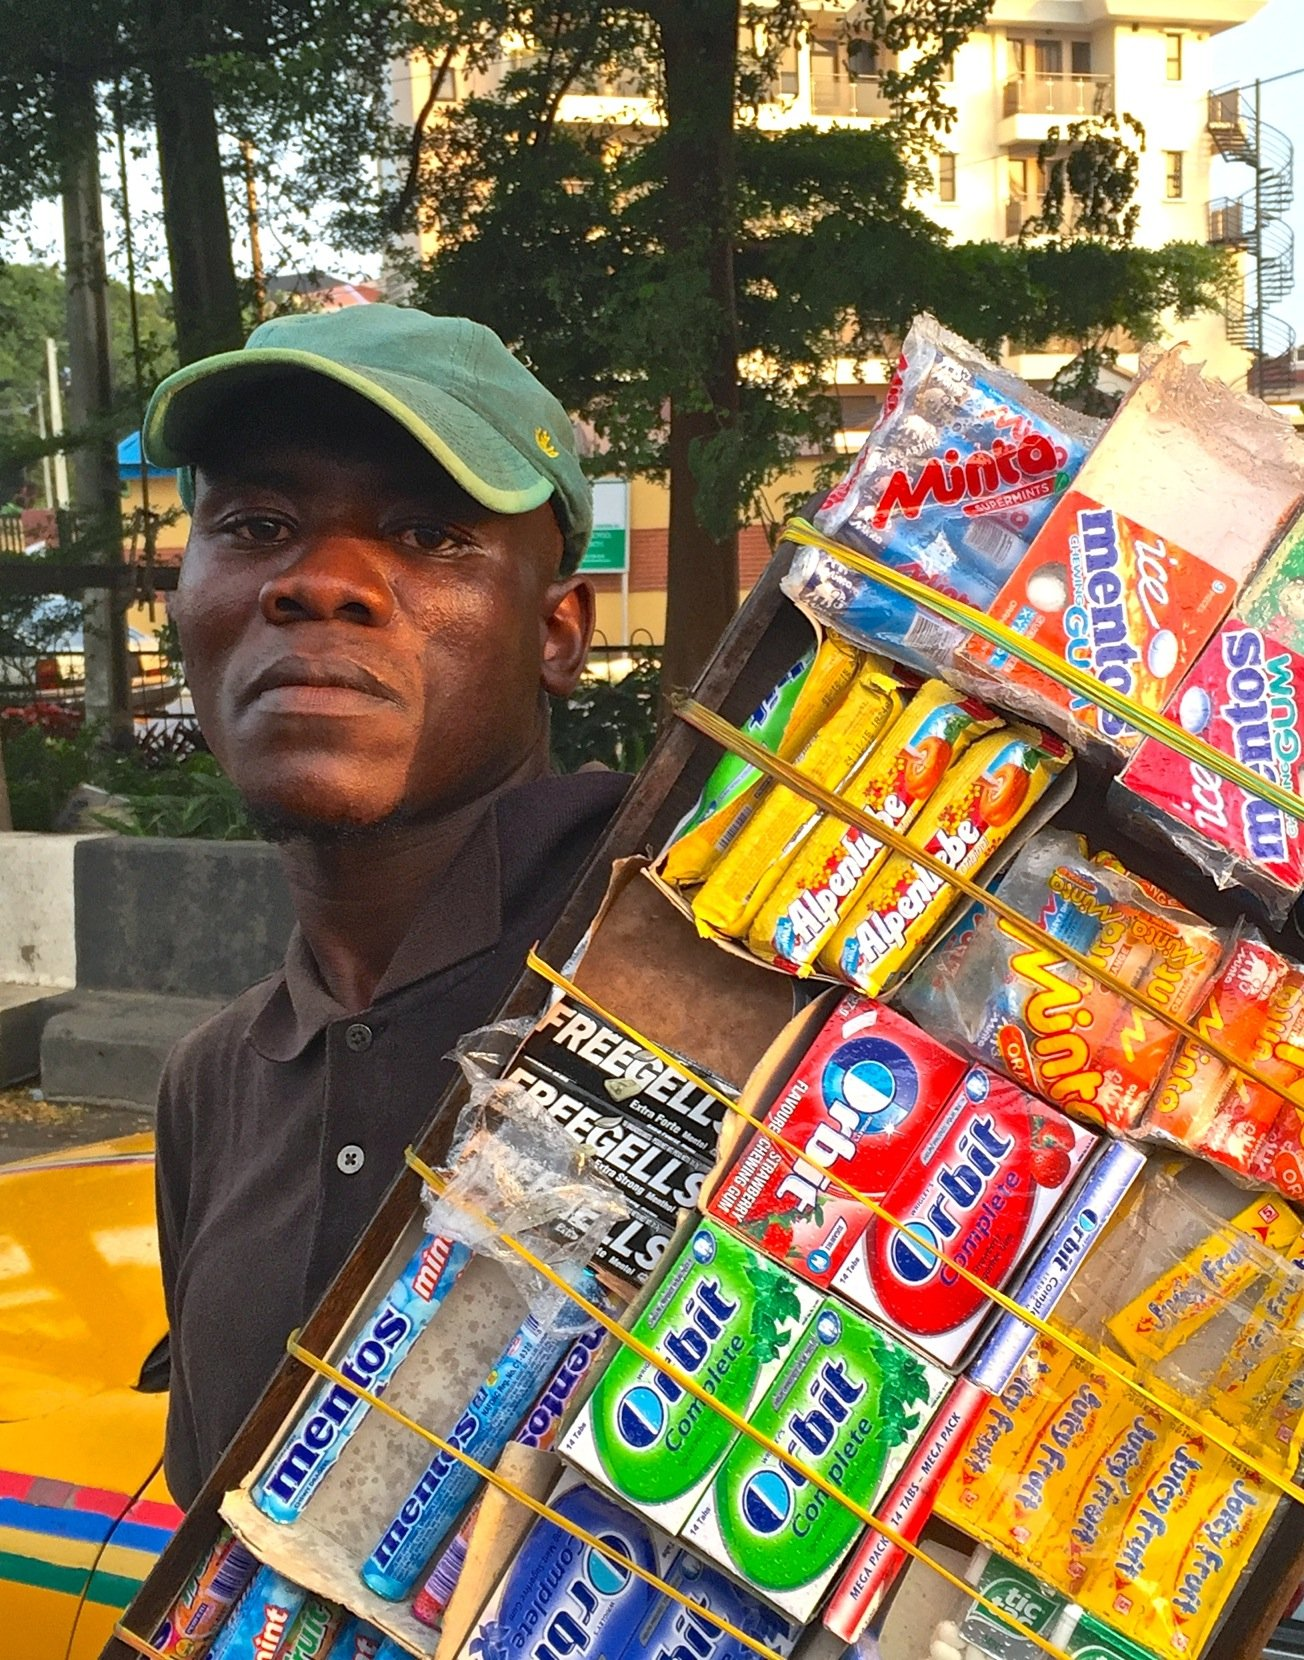 Vendeur chewing gum 15 aout